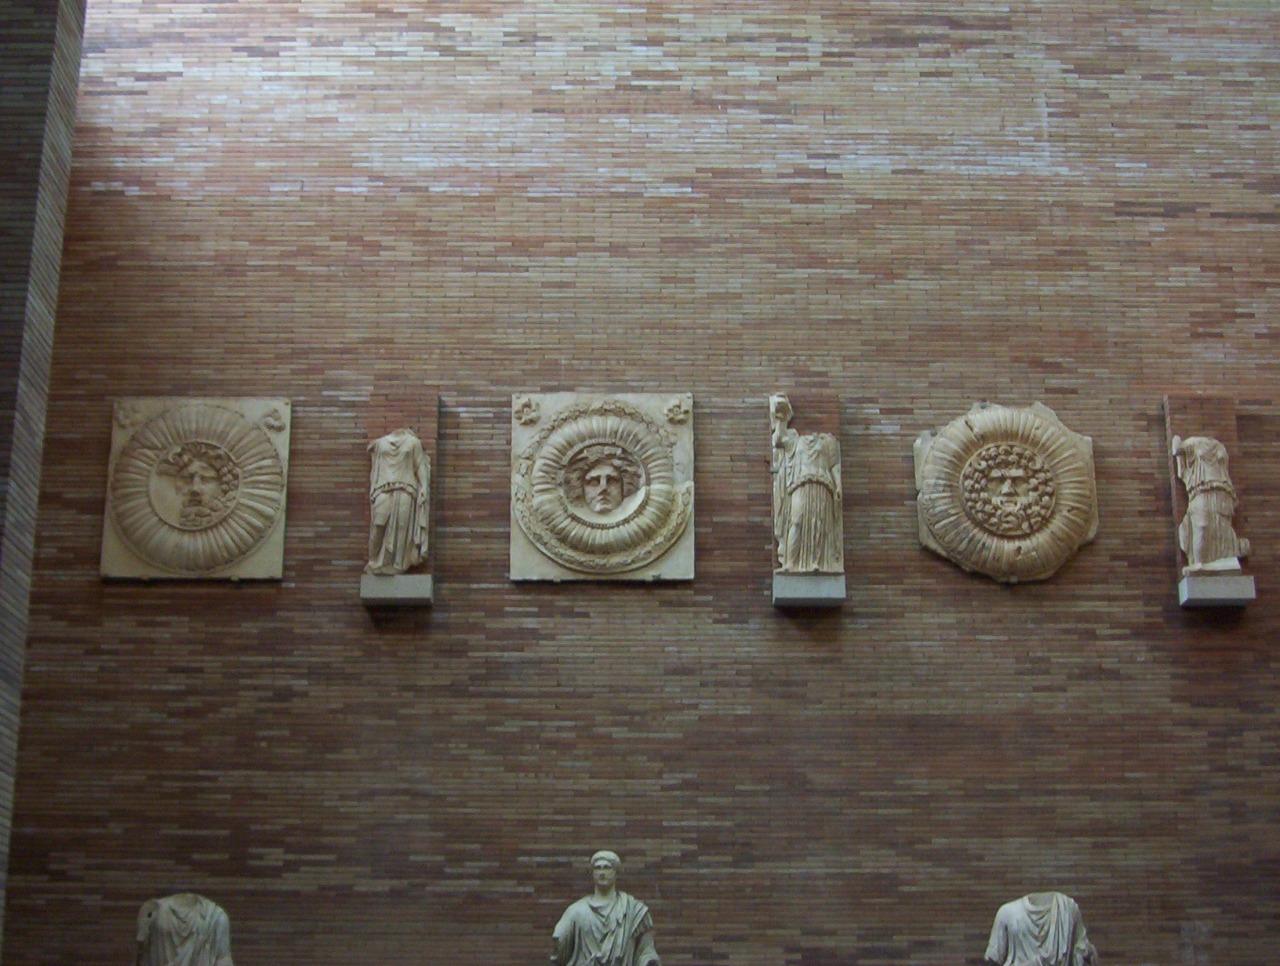 clípeos en museo romano en merida